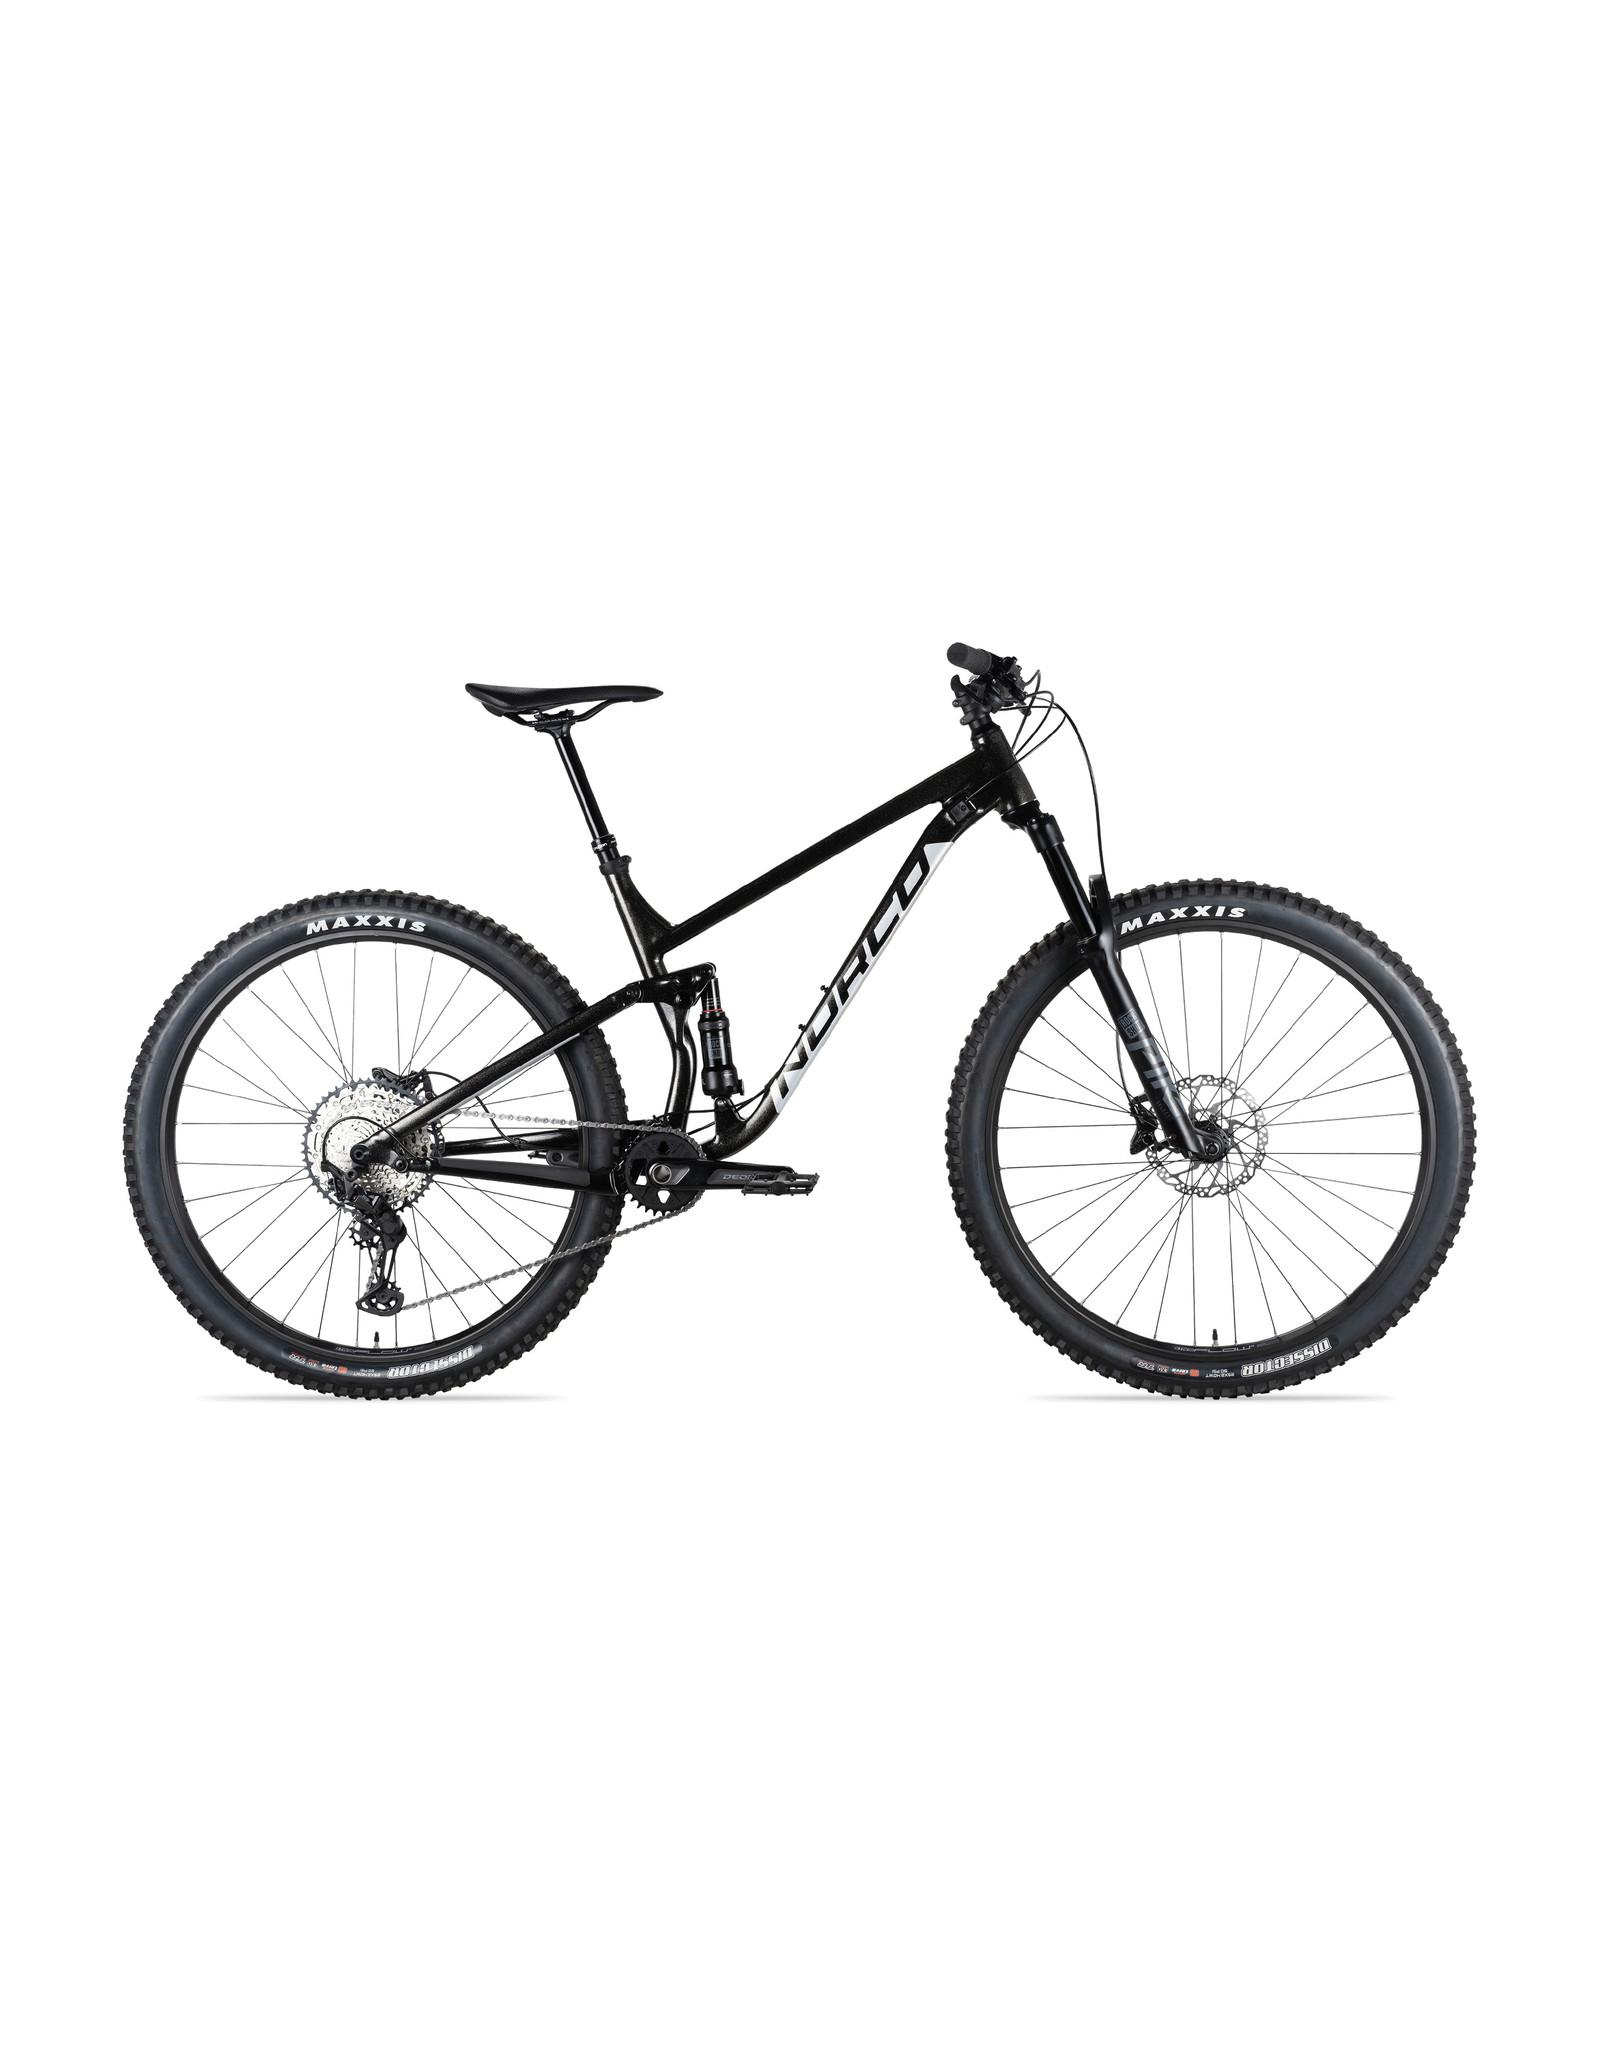 Norco Vélo Norco Fluid FS 1 (27) 2021